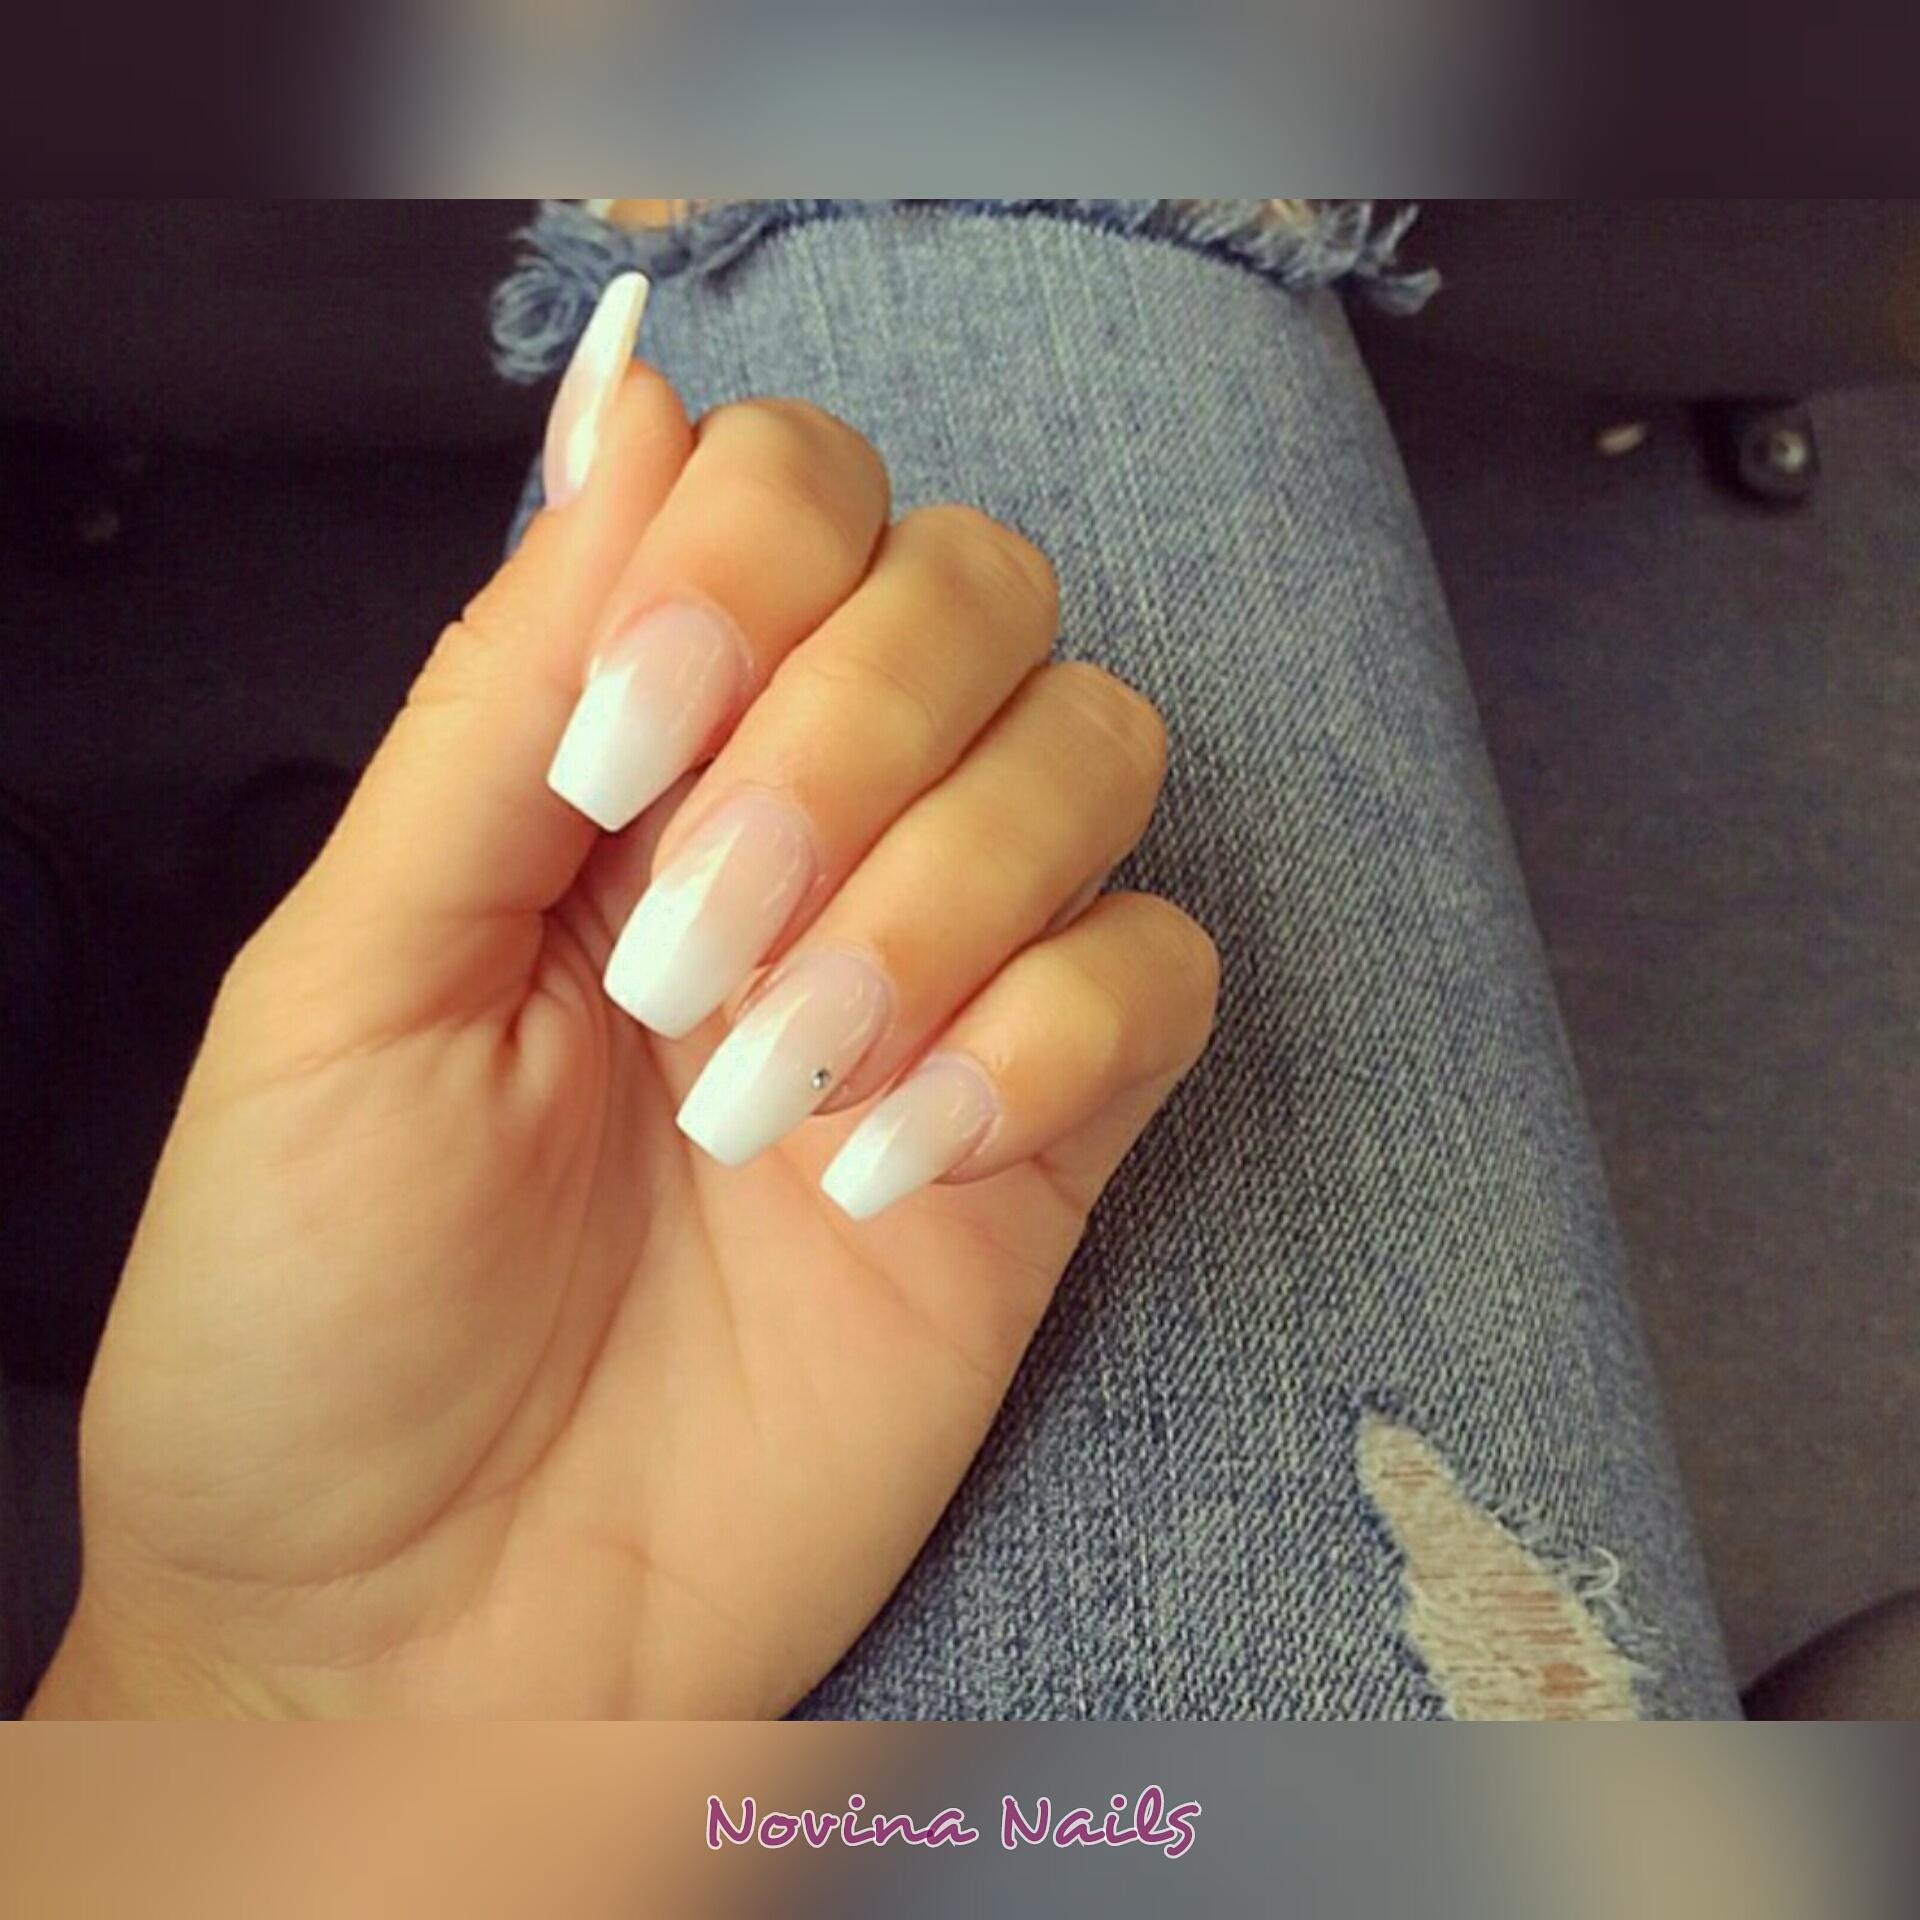 hur mycket kostar det att göra naglar